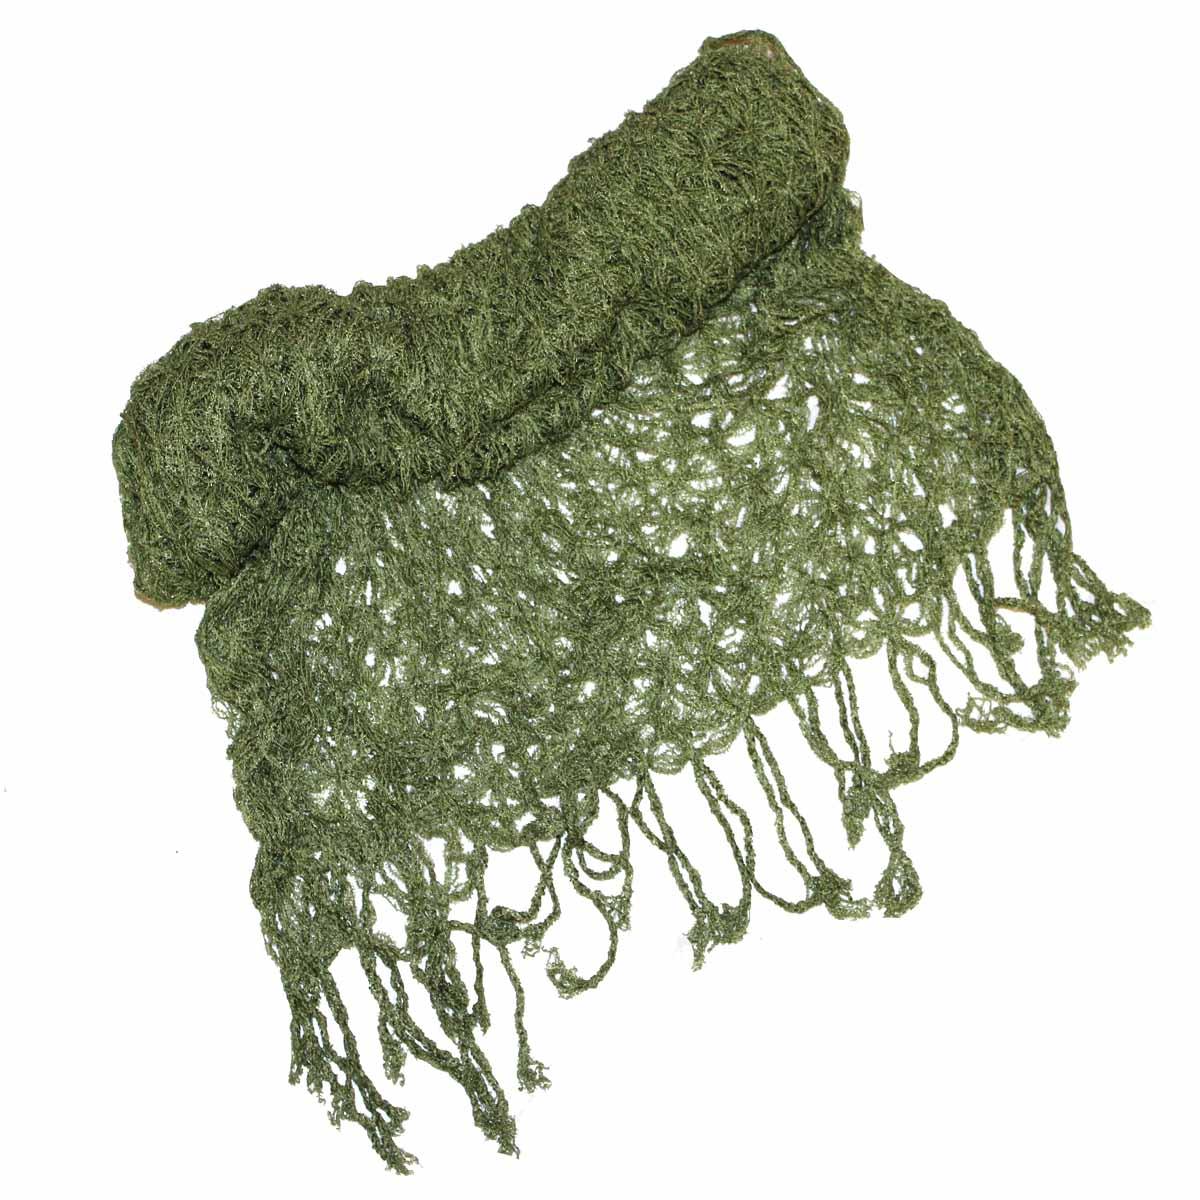 Шарф524110Элегантный шелковый шарф станет изысканным нарядным аксессуаром, который призван подчеркнуть индивидуальность и очарование женщины. Шарф по краям декорирован кистями. Этот модный аксессуар женского гардероба гармонично дополнит образ современной женщины, следящей за своим имиджем и стремящейся всегда оставаться стильной и элегантной. В этом шарфе вы всегда будете выглядеть женственной и привлекательной.